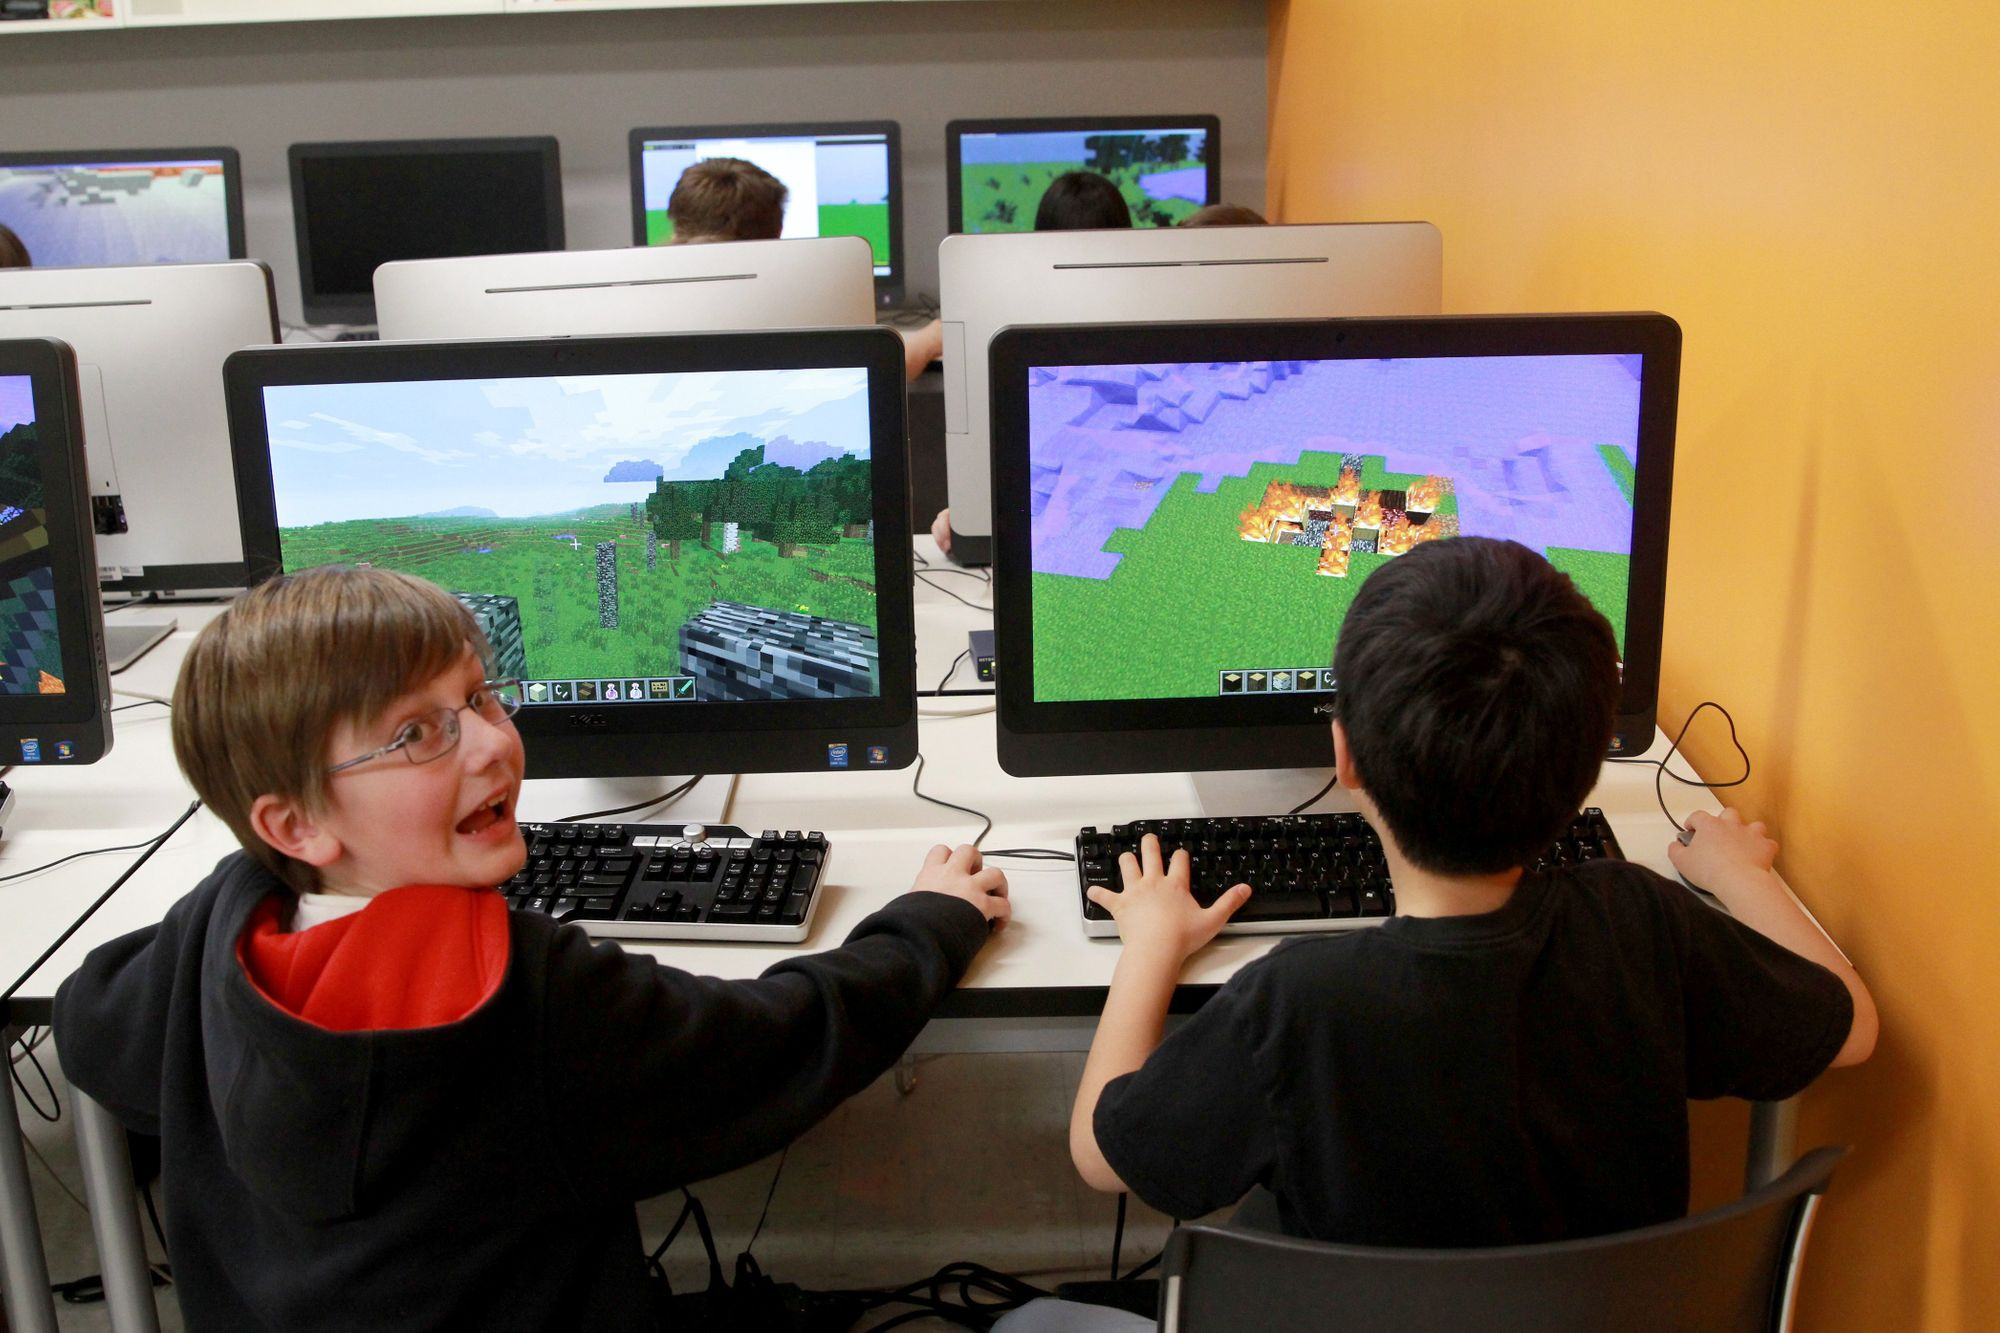 Развивающие онлайн-игры для детей: стоит ли разрешать и сколько